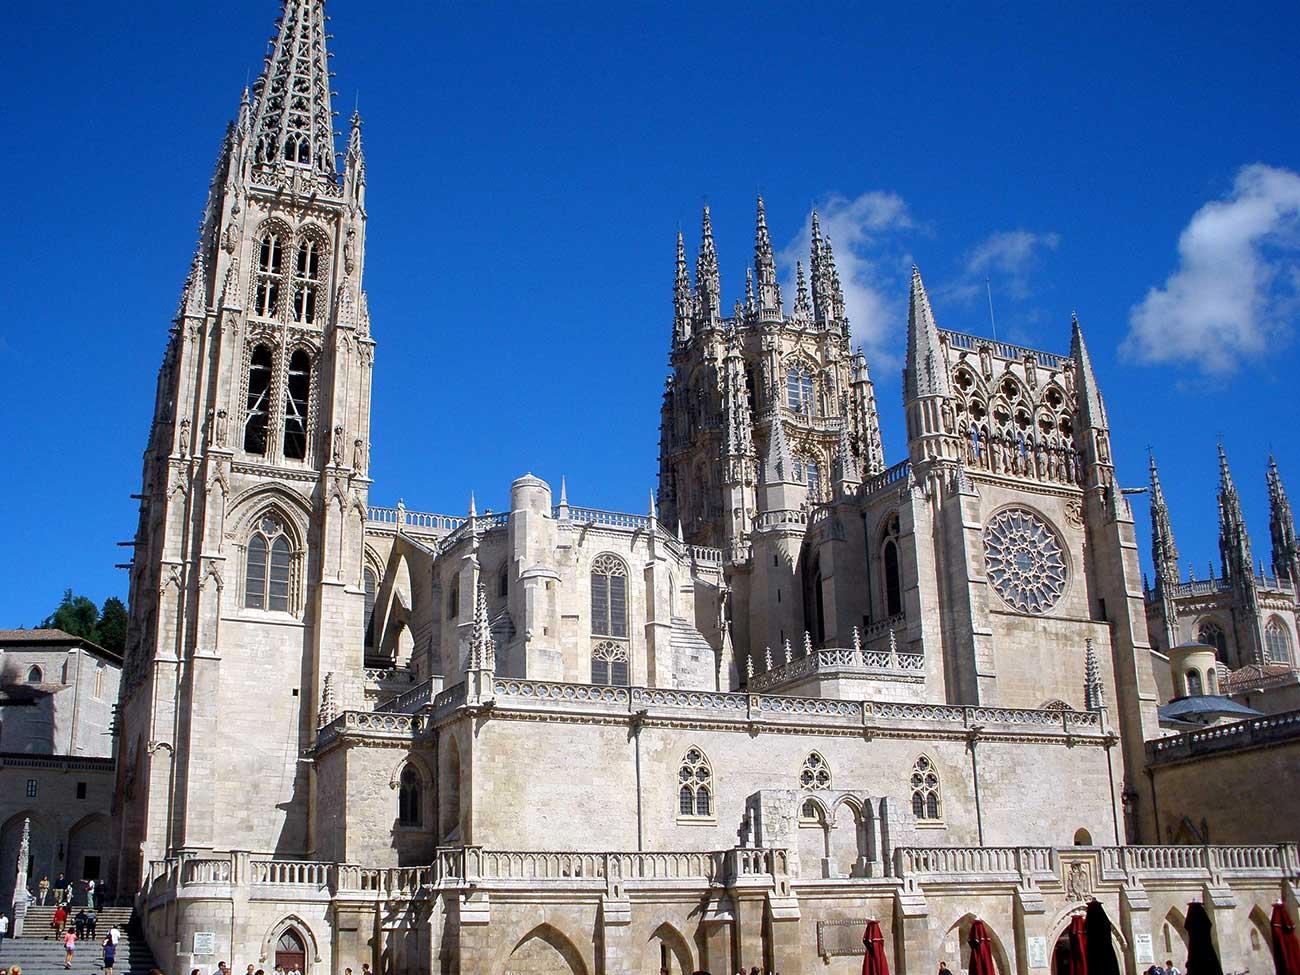 La catedral de Burgos… ¿Es gótica o barroca?